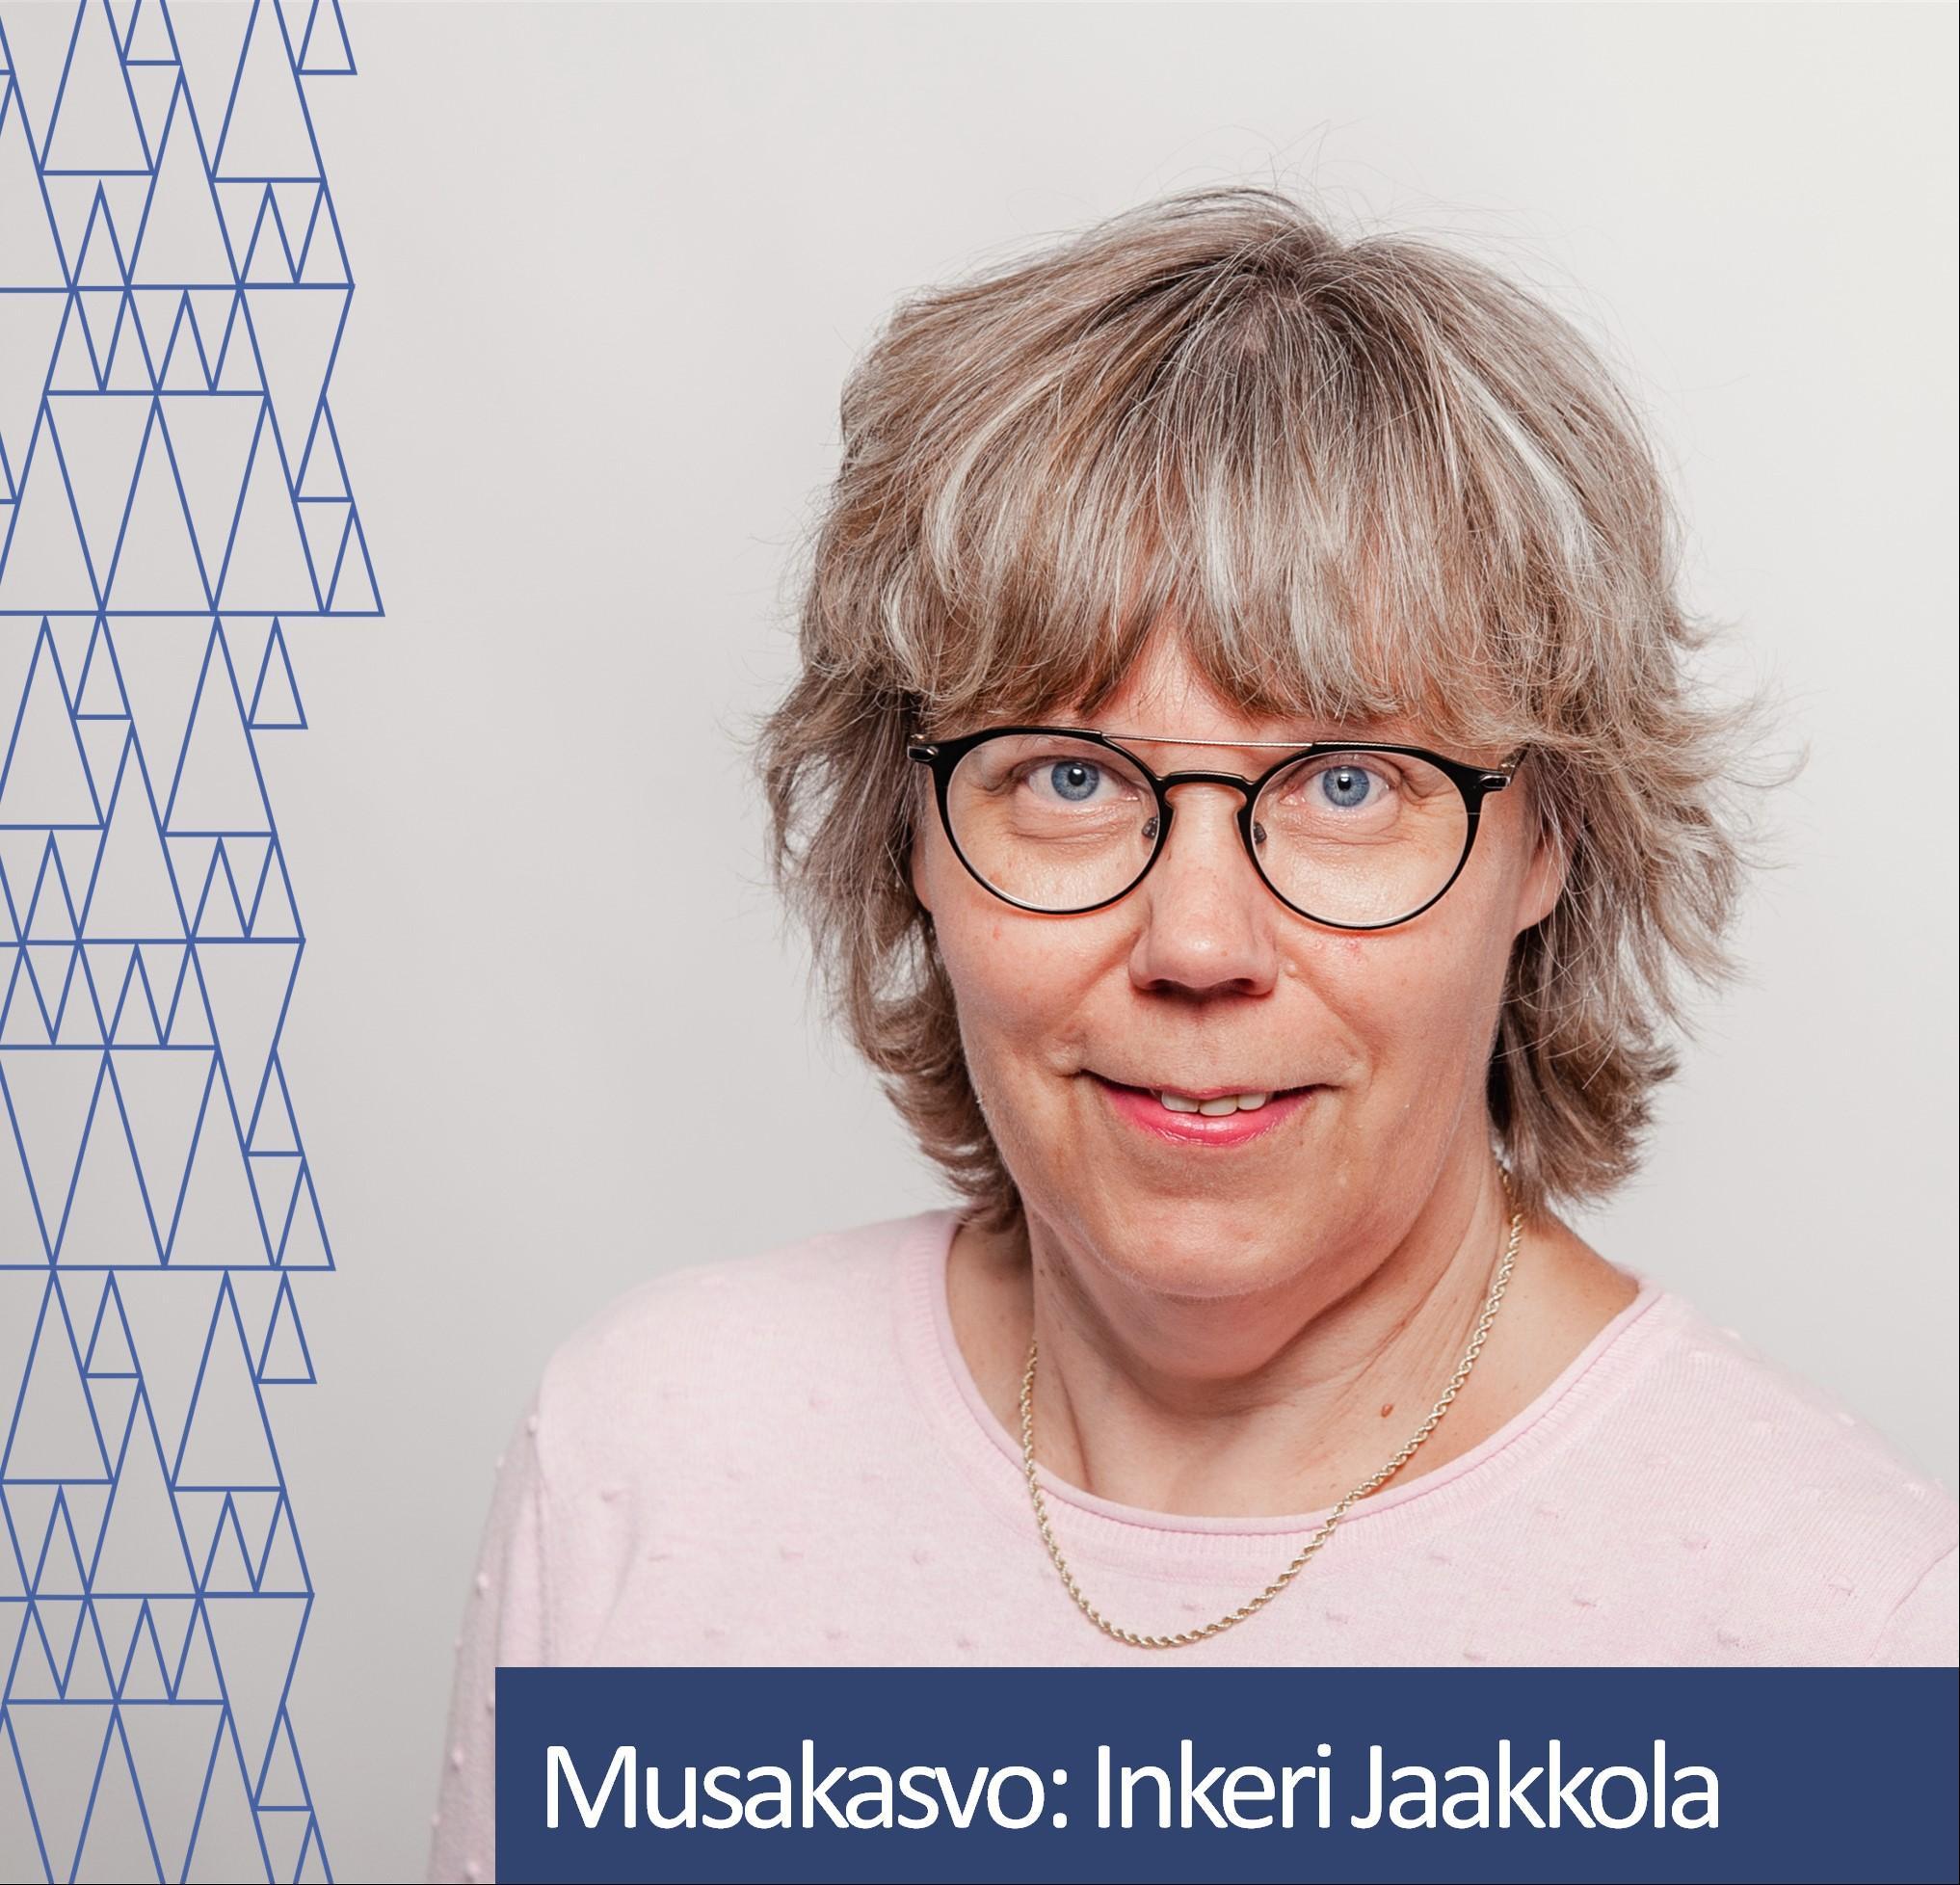 Musakasvo Inkeri Jaakkola